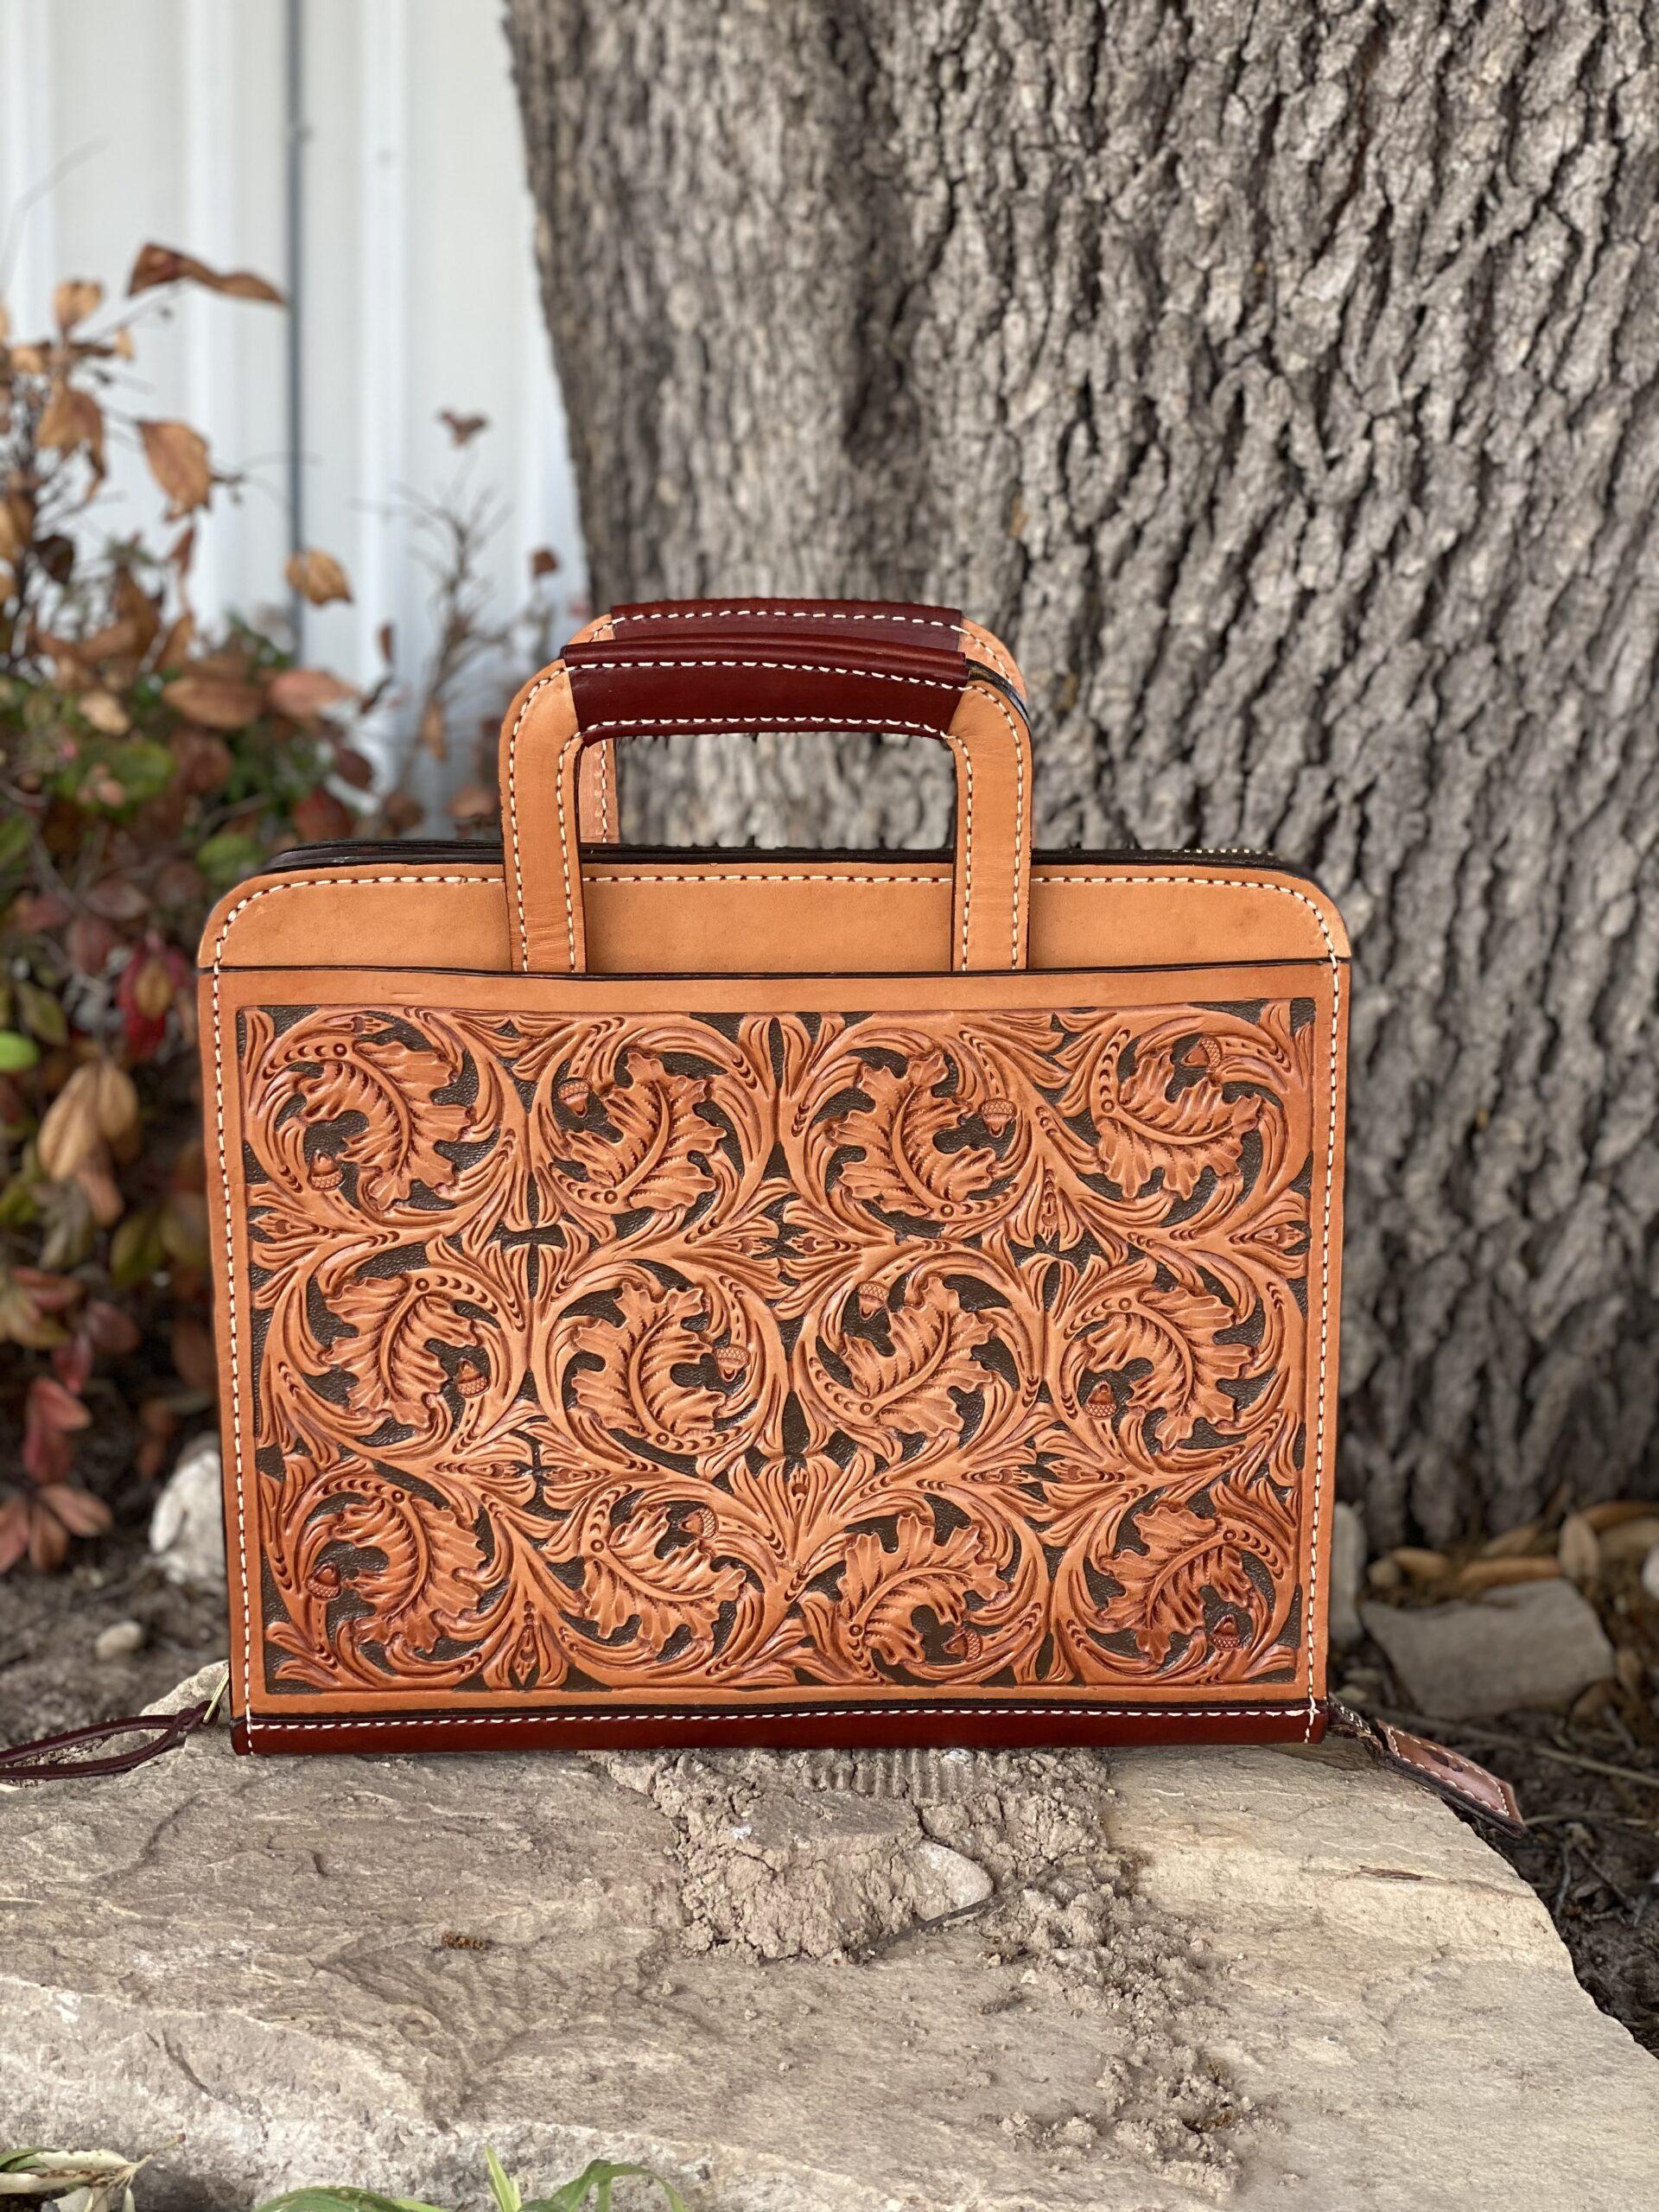 Golden oakleaf w/ chocolate paint Cowboy briefcase